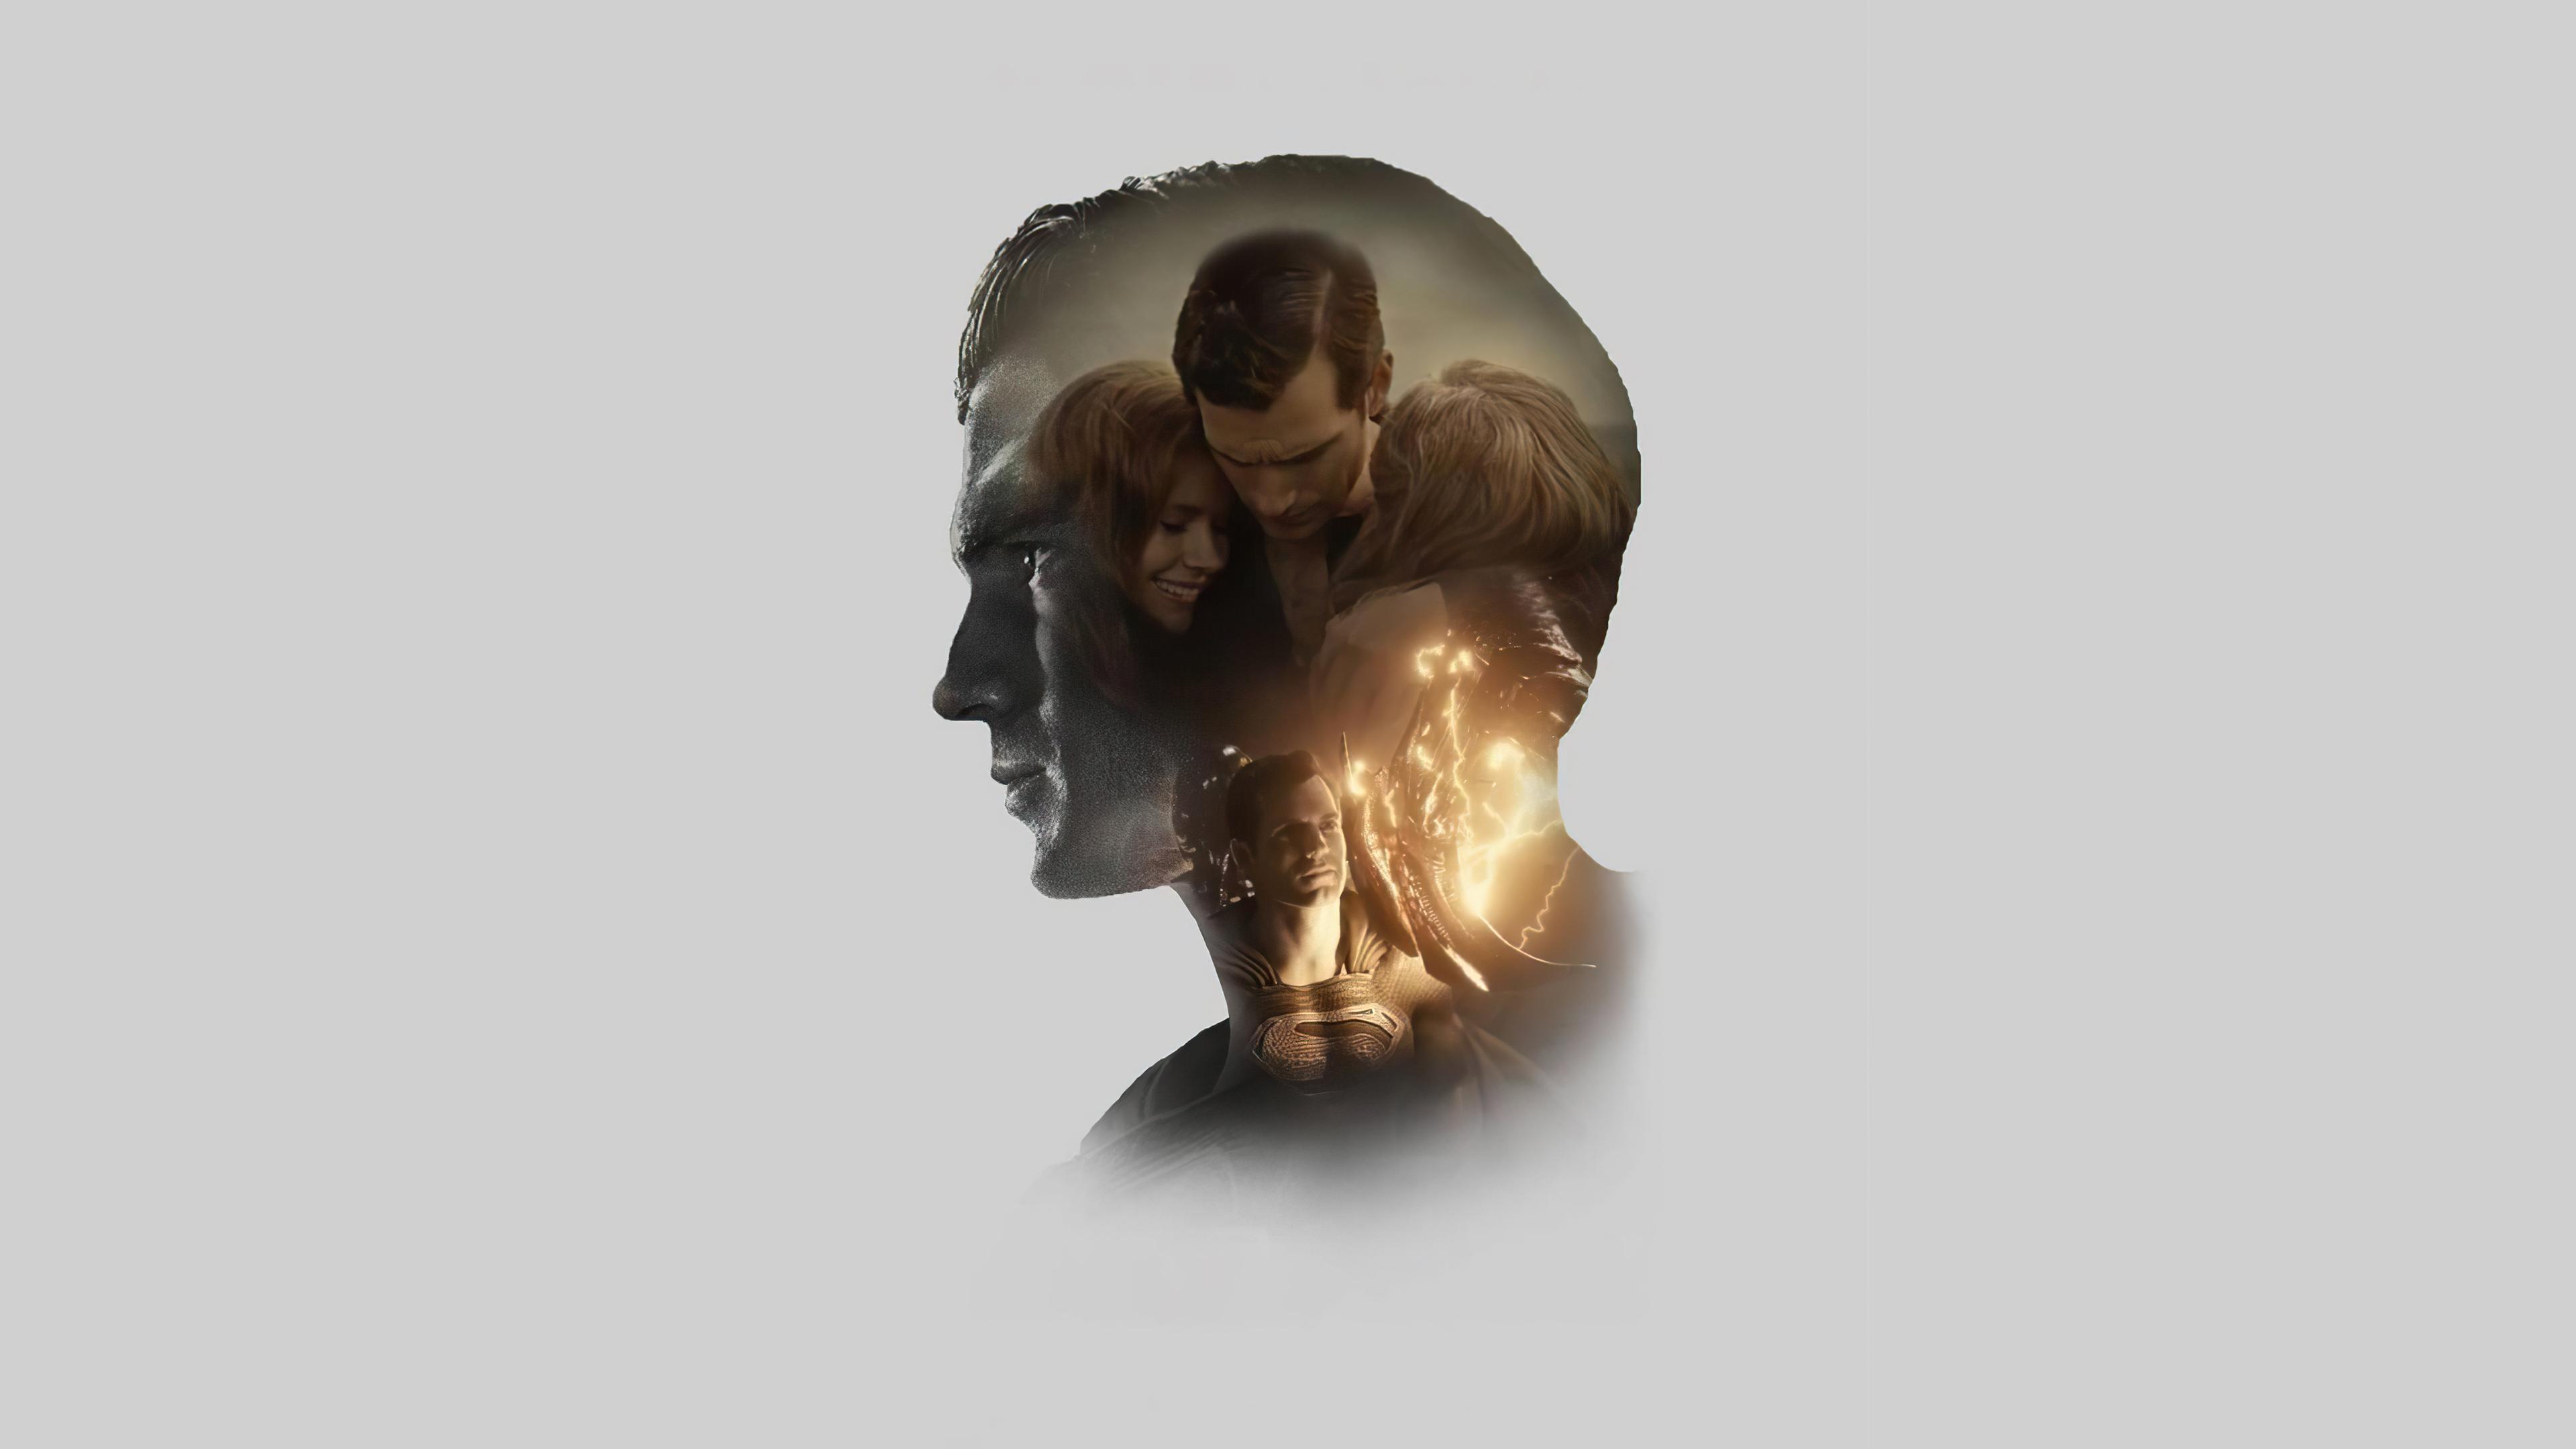 Fondos de pantalla Henry Cavill Superman Zack Snyder's Liga de la Justicia